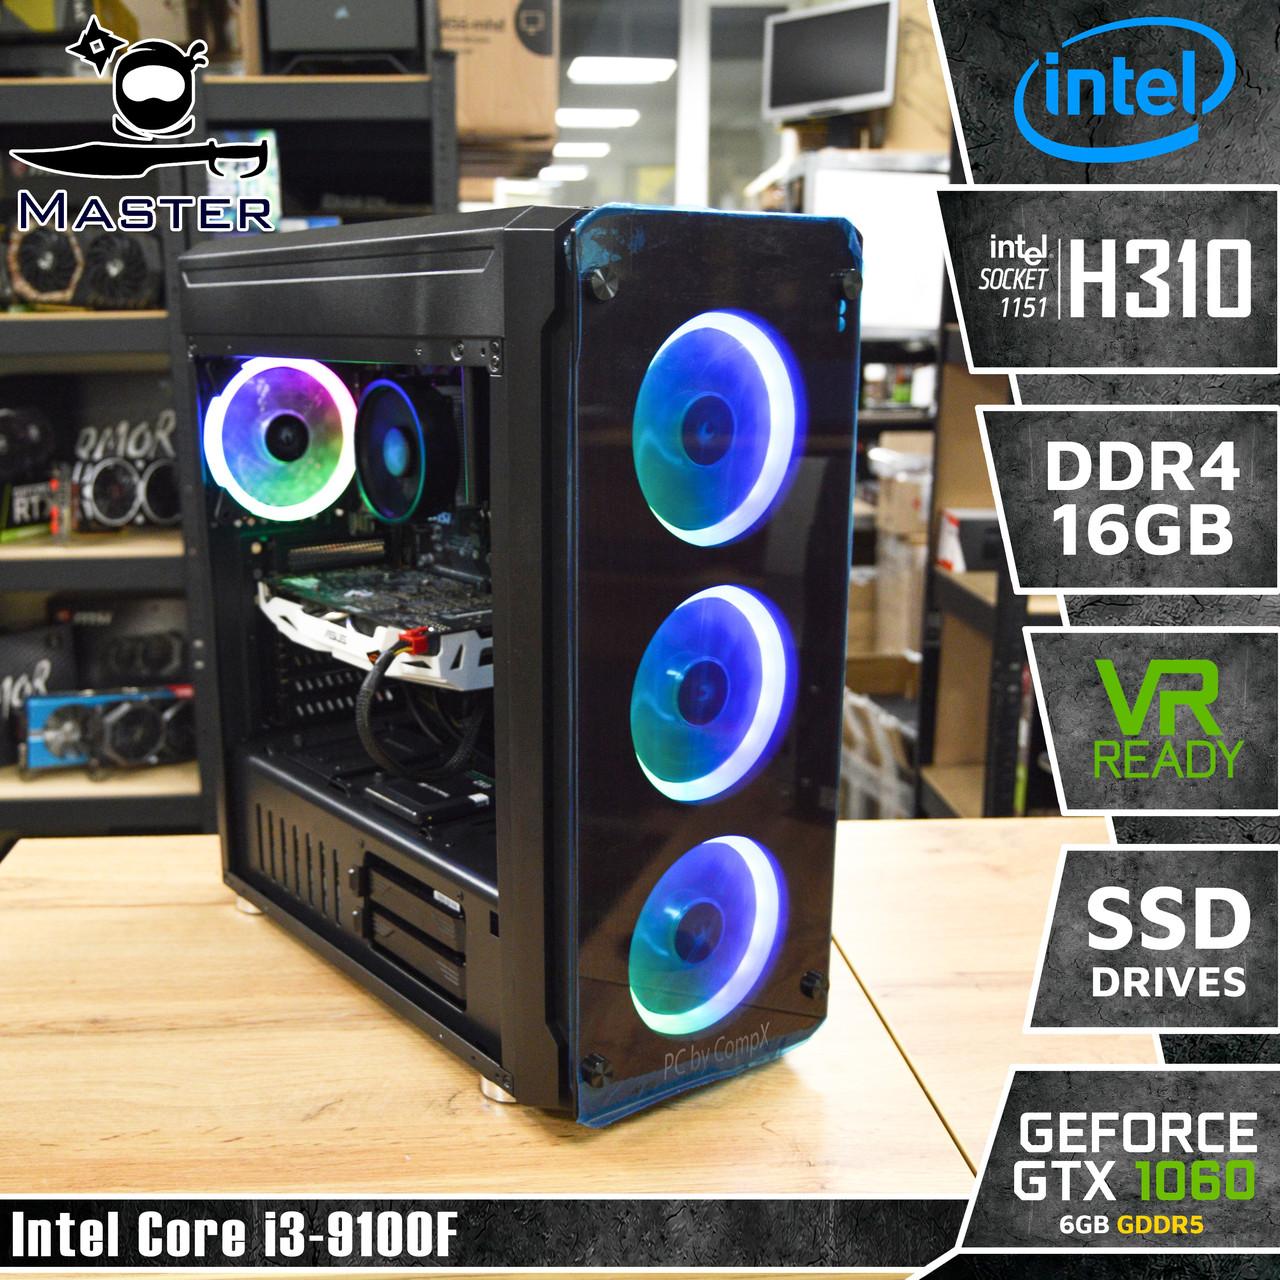 Master I40. (GTX 1060 6Gb/RX 580 8Gb I Intel Core i3 9100F I H310 I DDR4 16Gb I SSD)